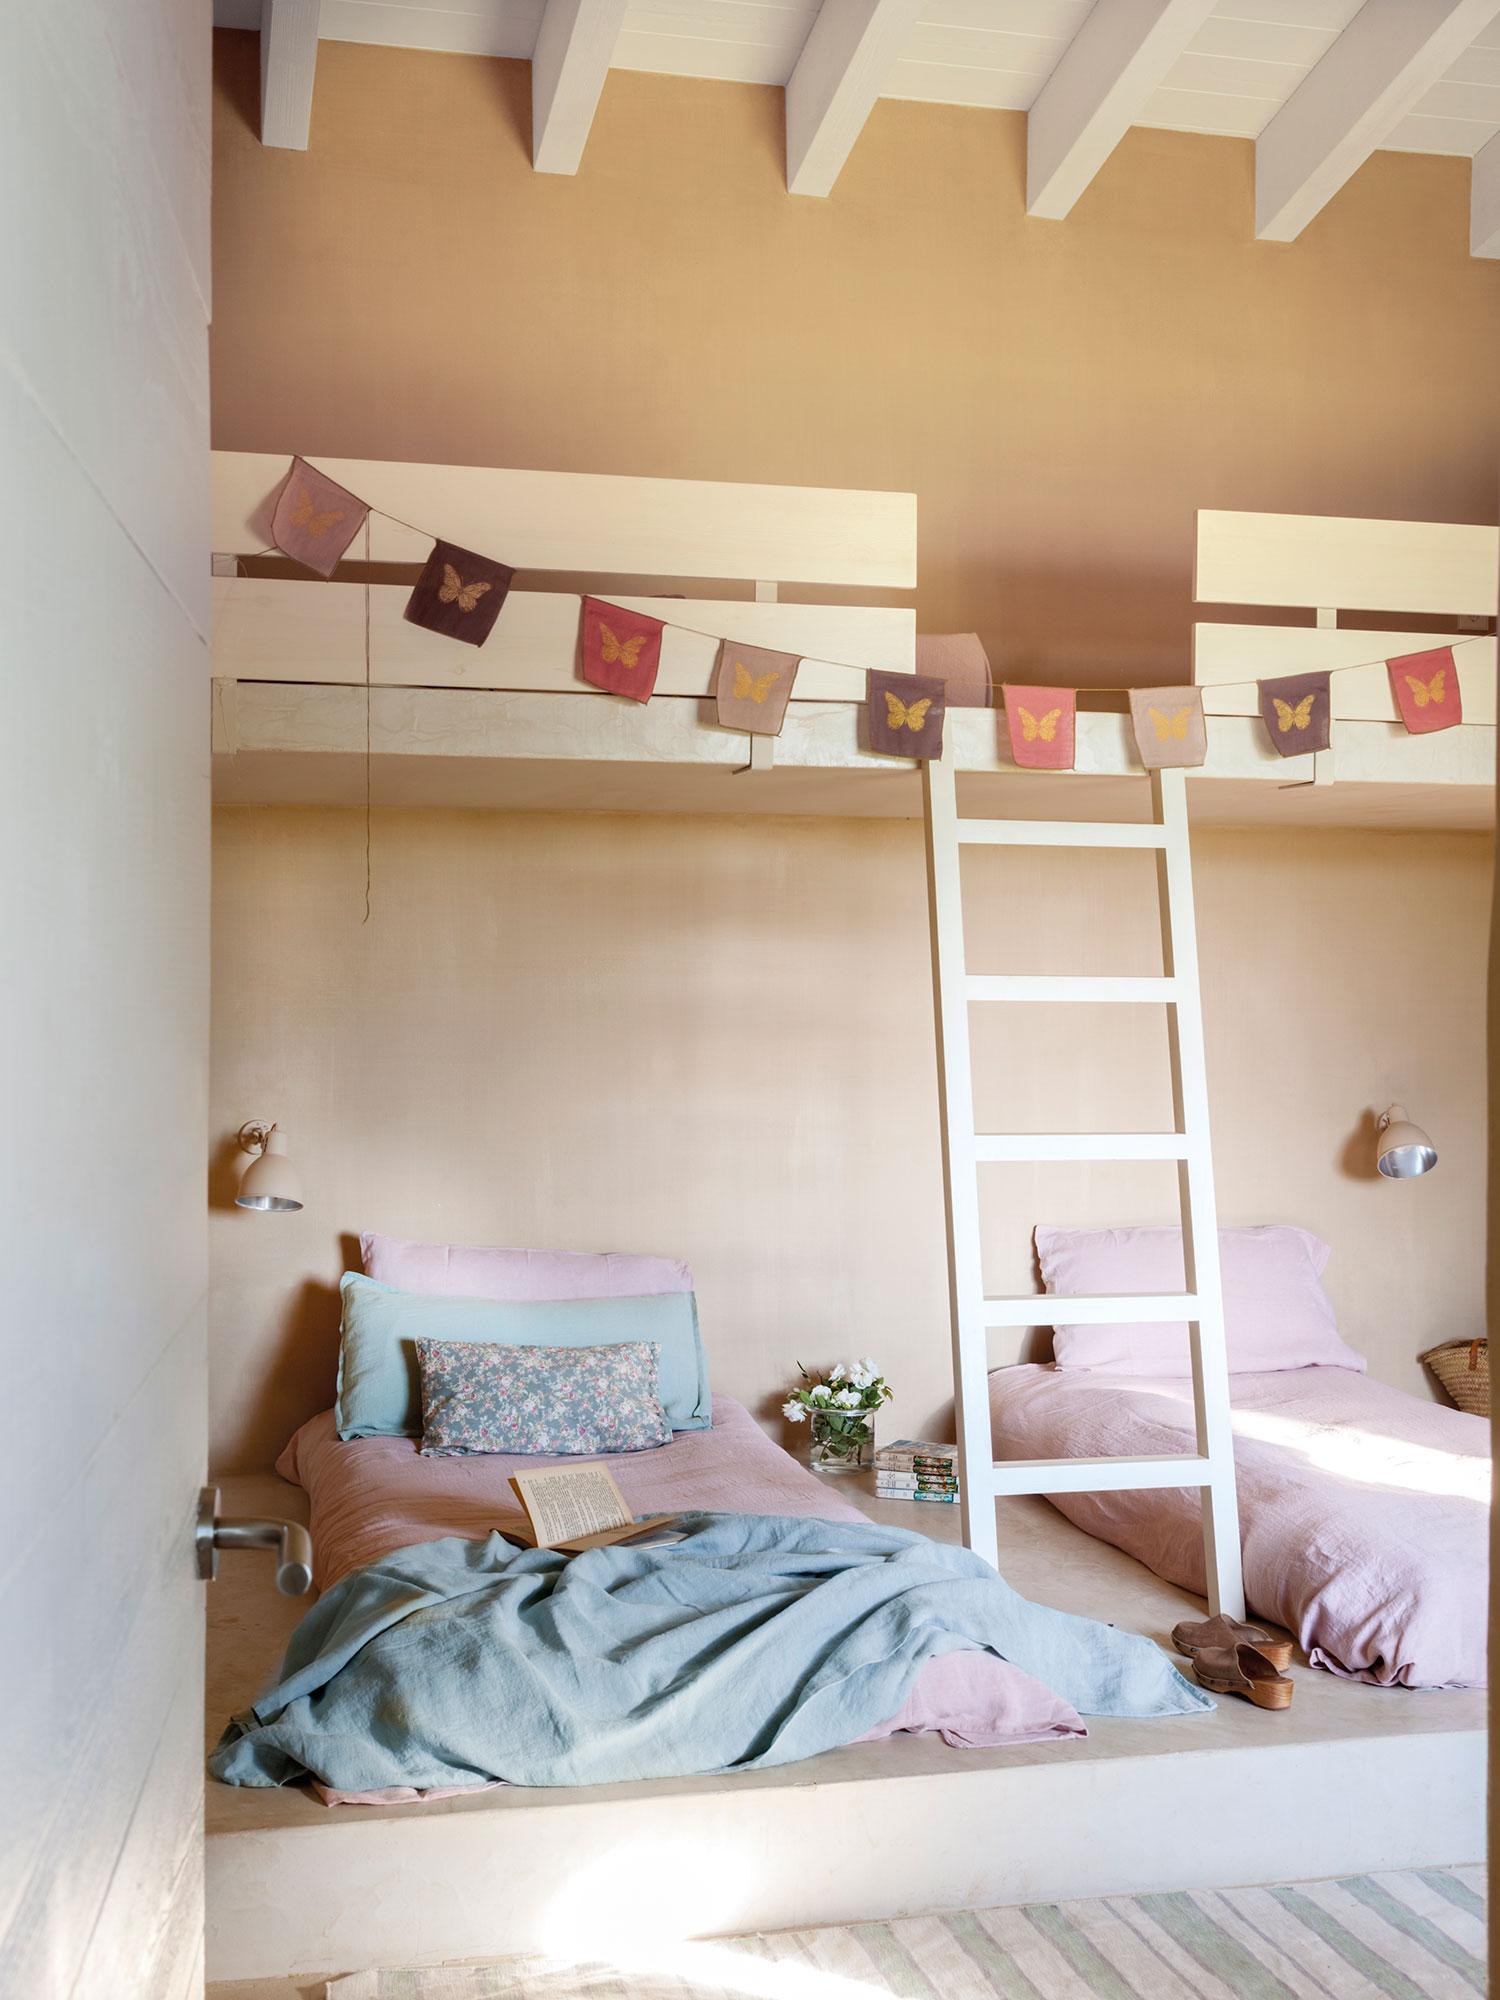 Dormitorios infantiles 7 buenas ideas para compartir - Dormitorios con literas ...